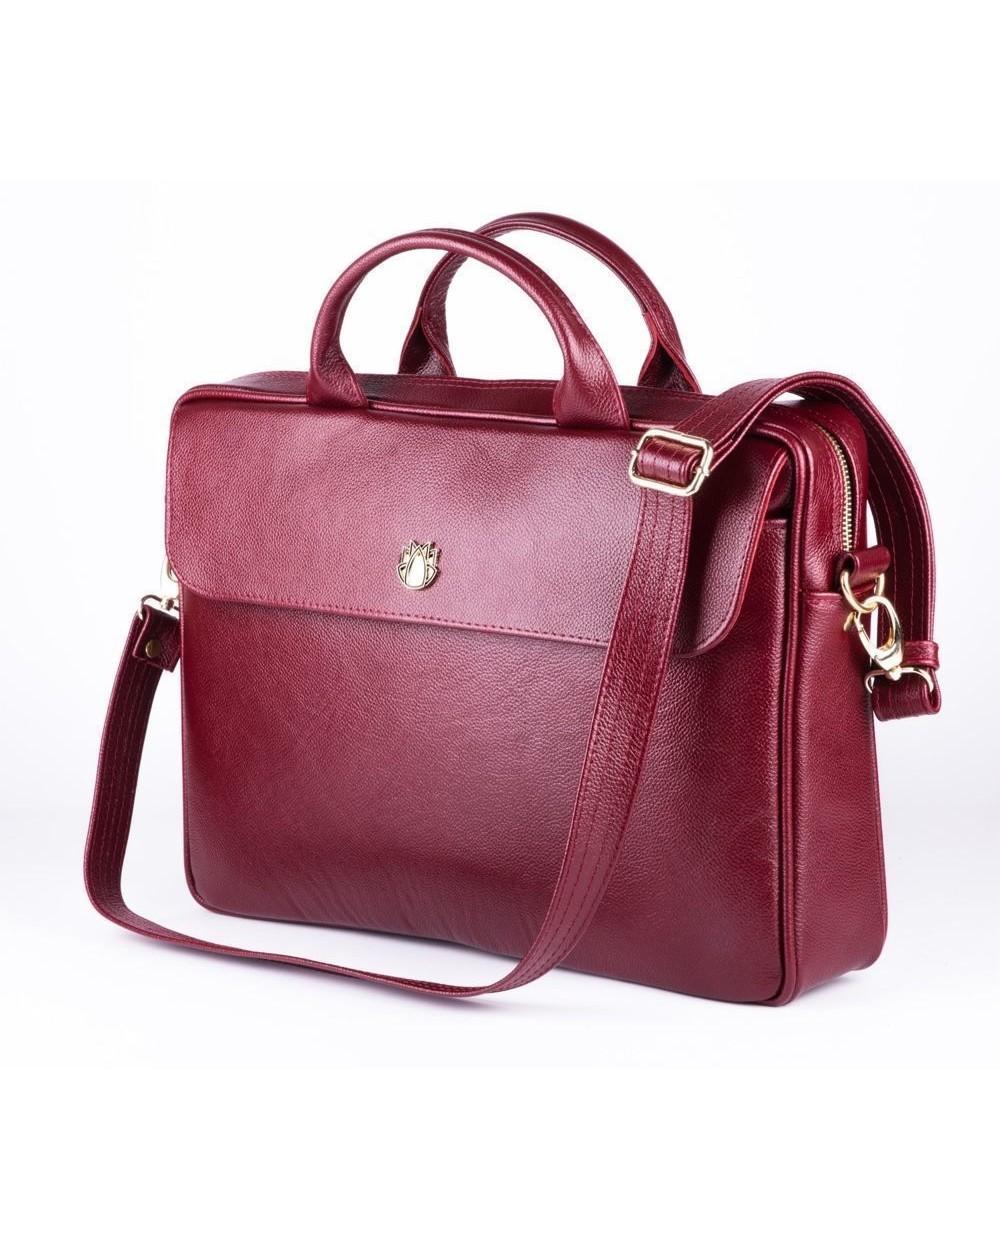 Damska torba na laptopa ze skóry naturalnej burgund to elegancka